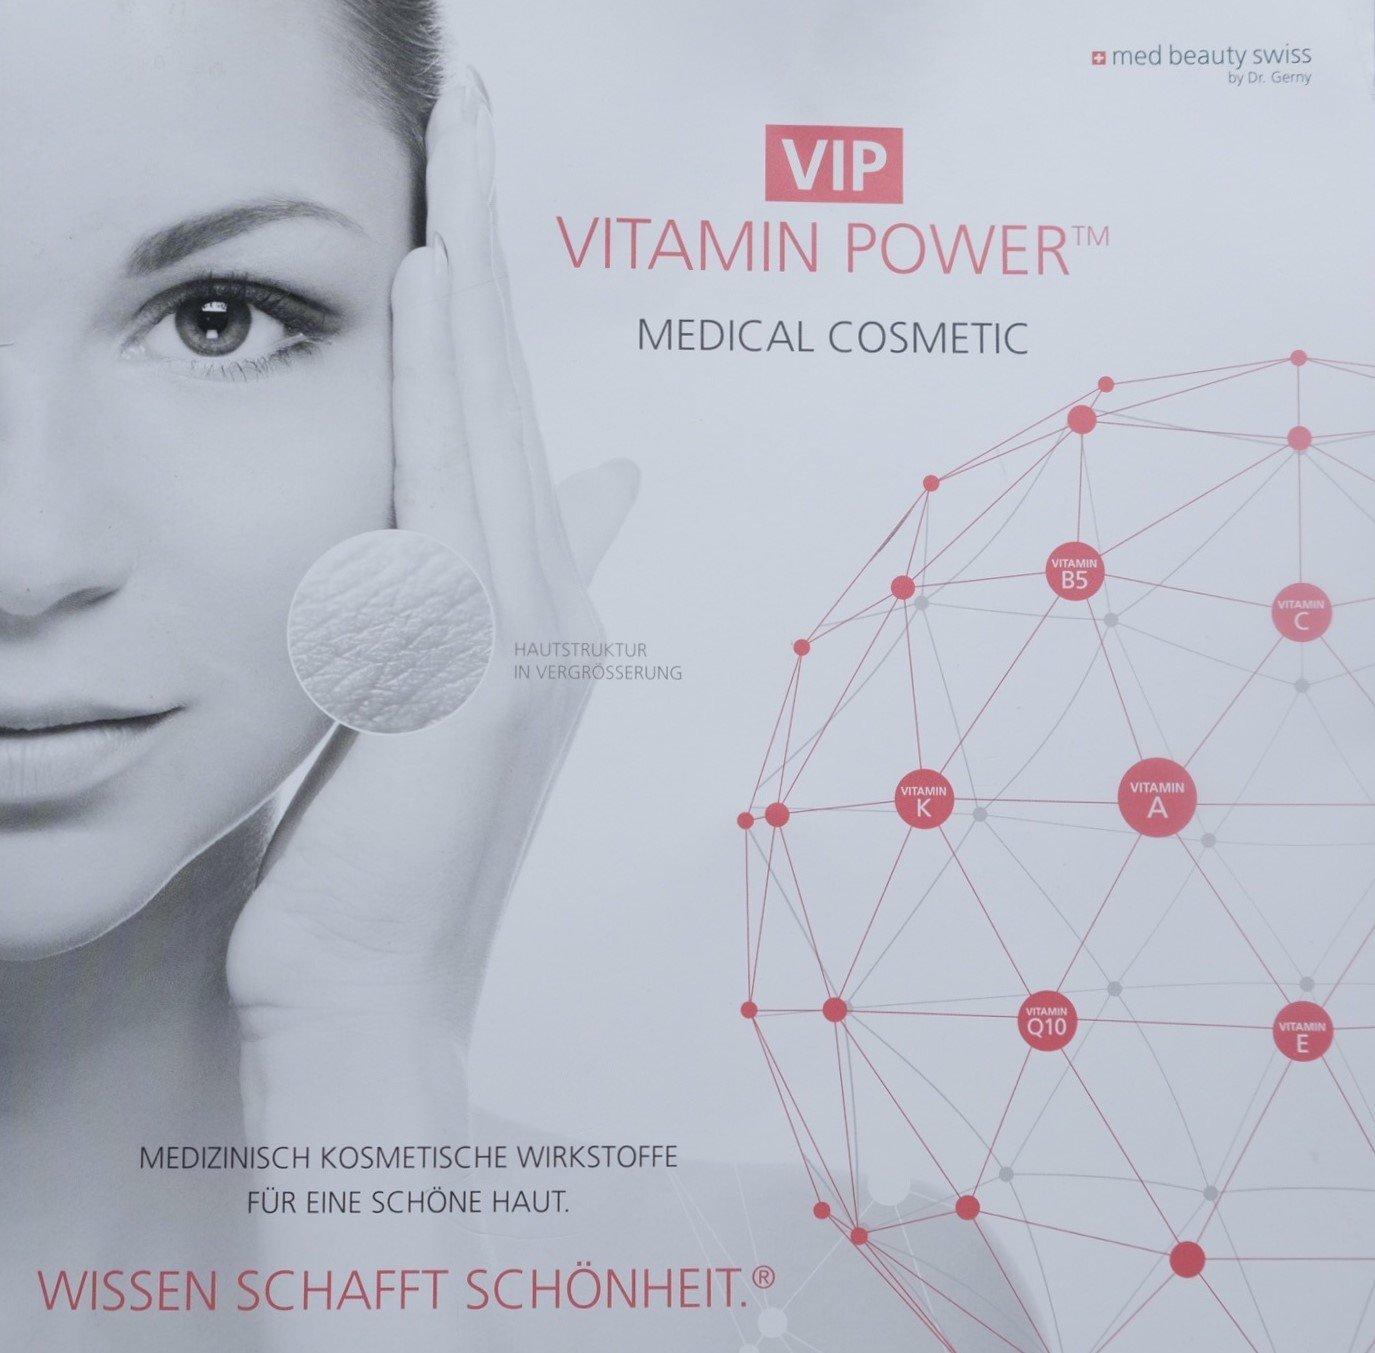 Zellneubildung VIP Vitamine